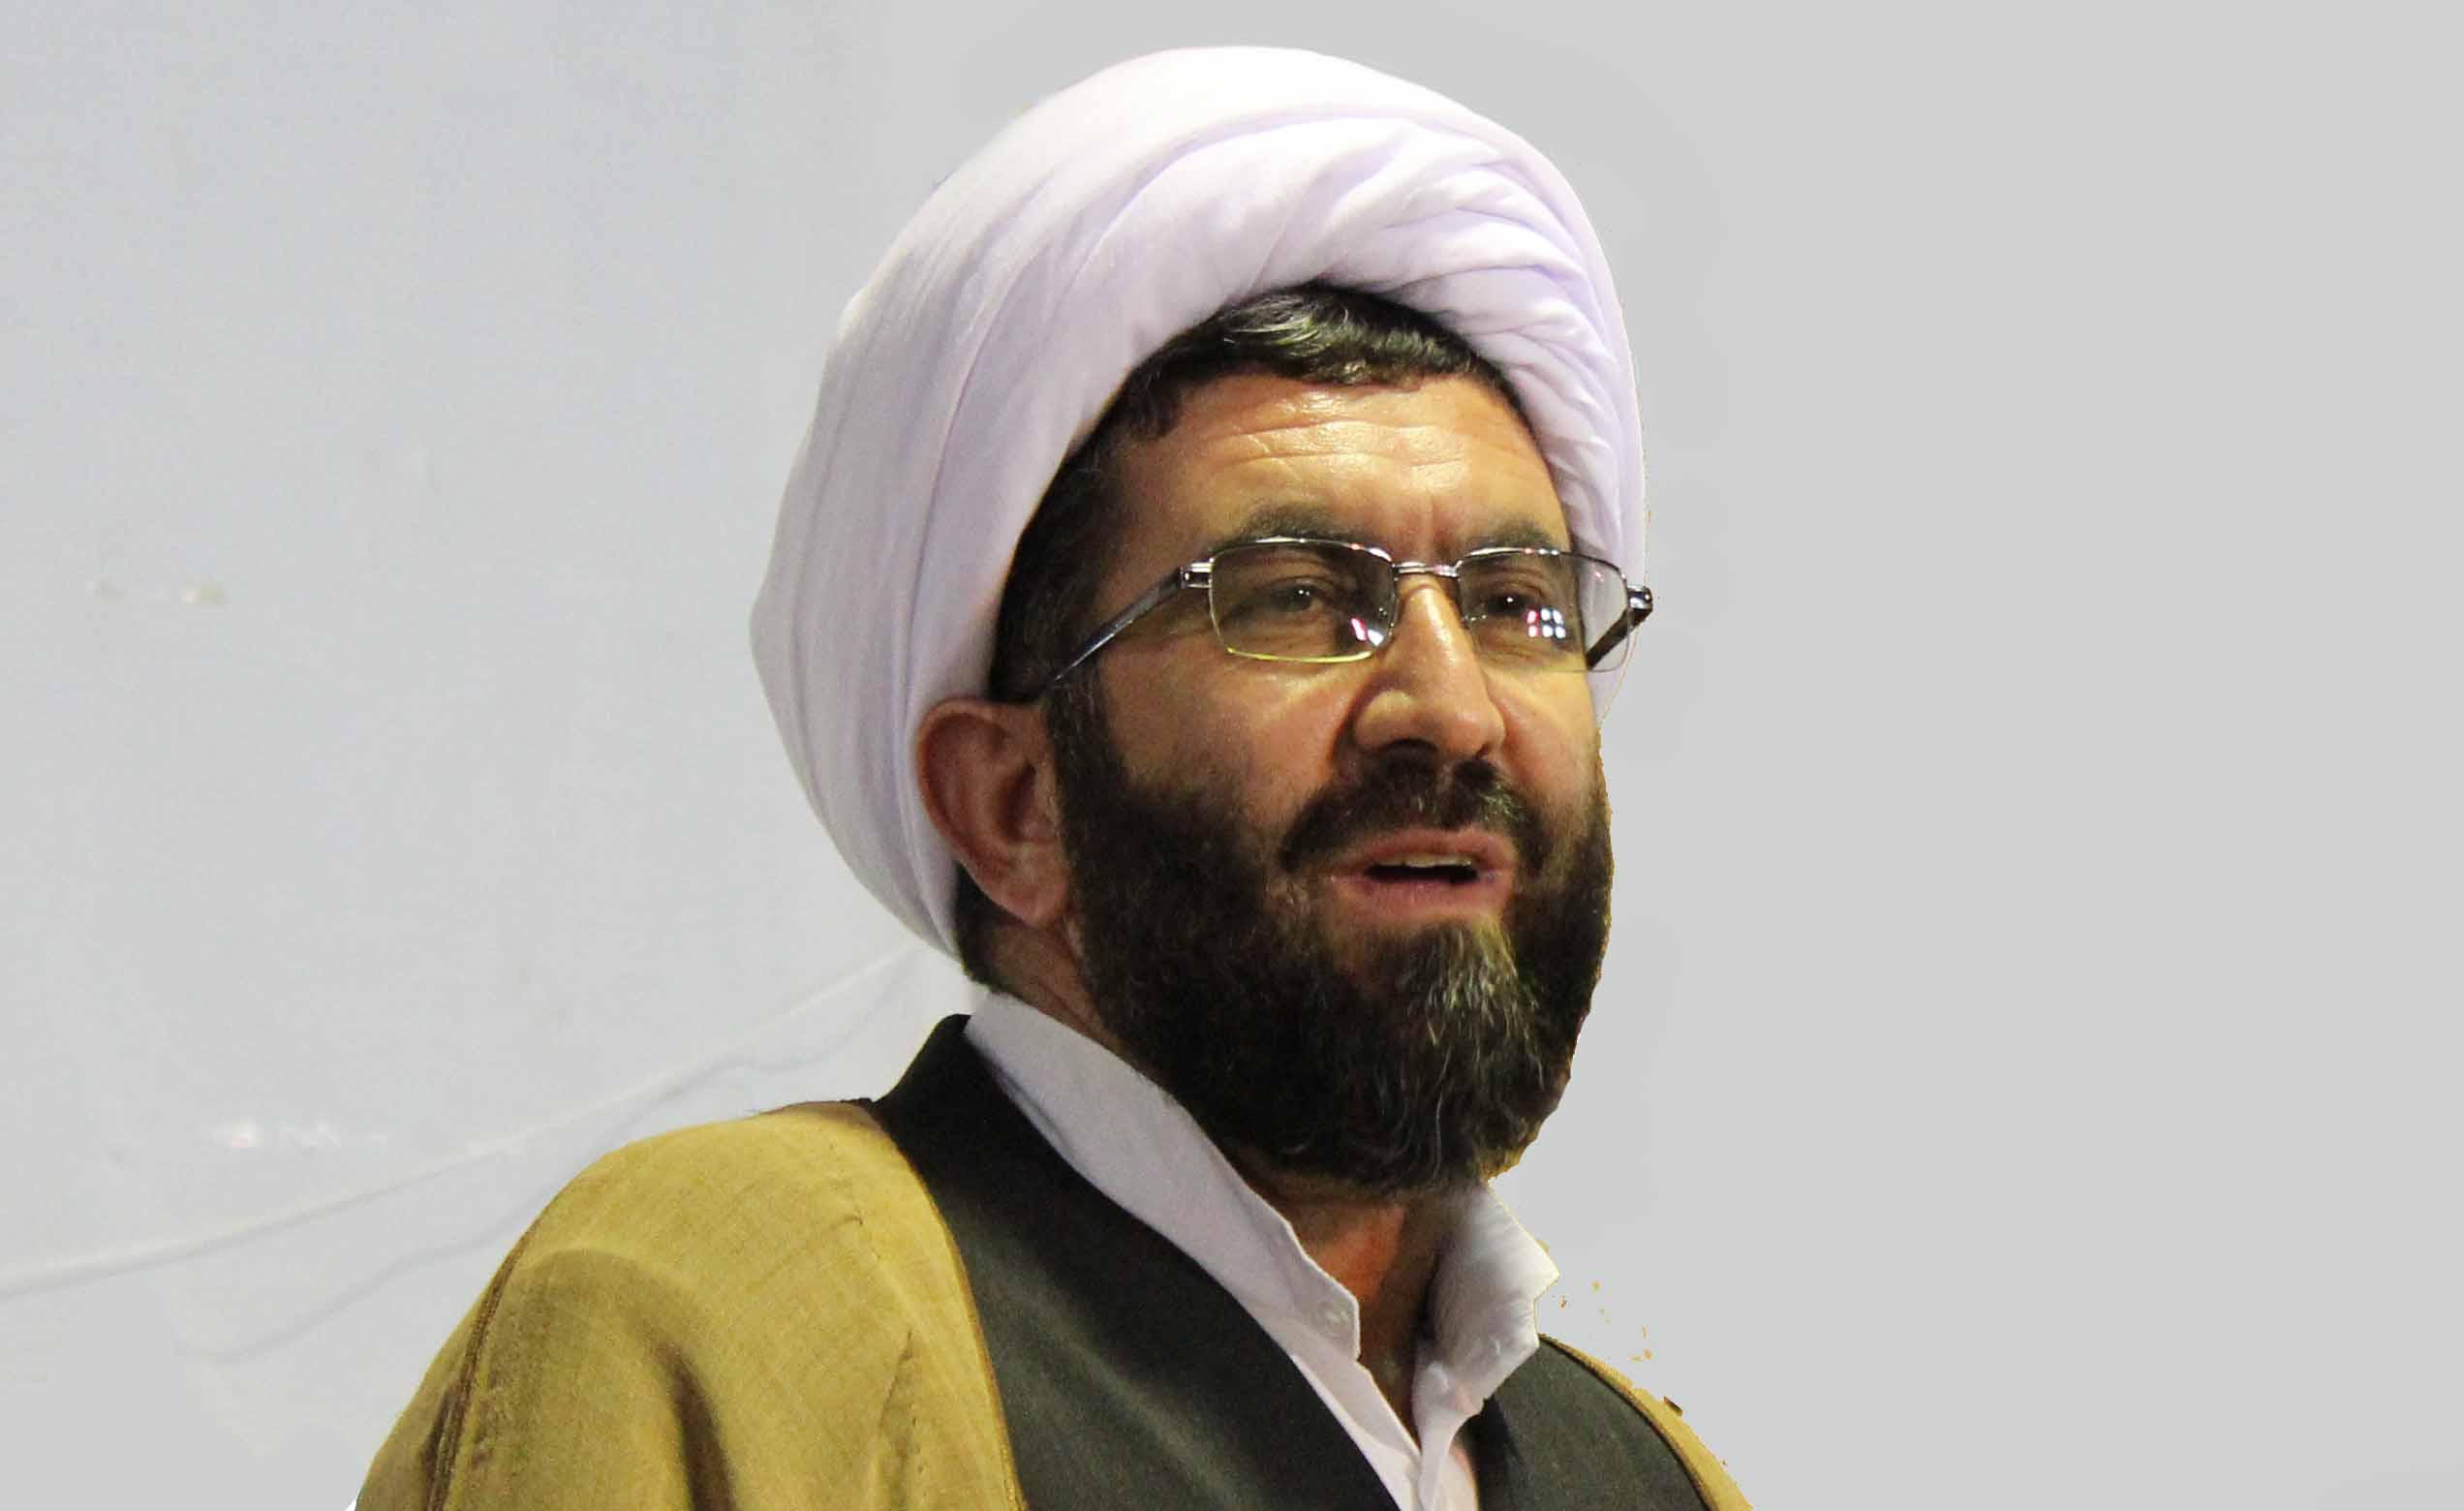 نظر امام جمعه در باره عدم حضور آقای هاشمی در رفسنجان